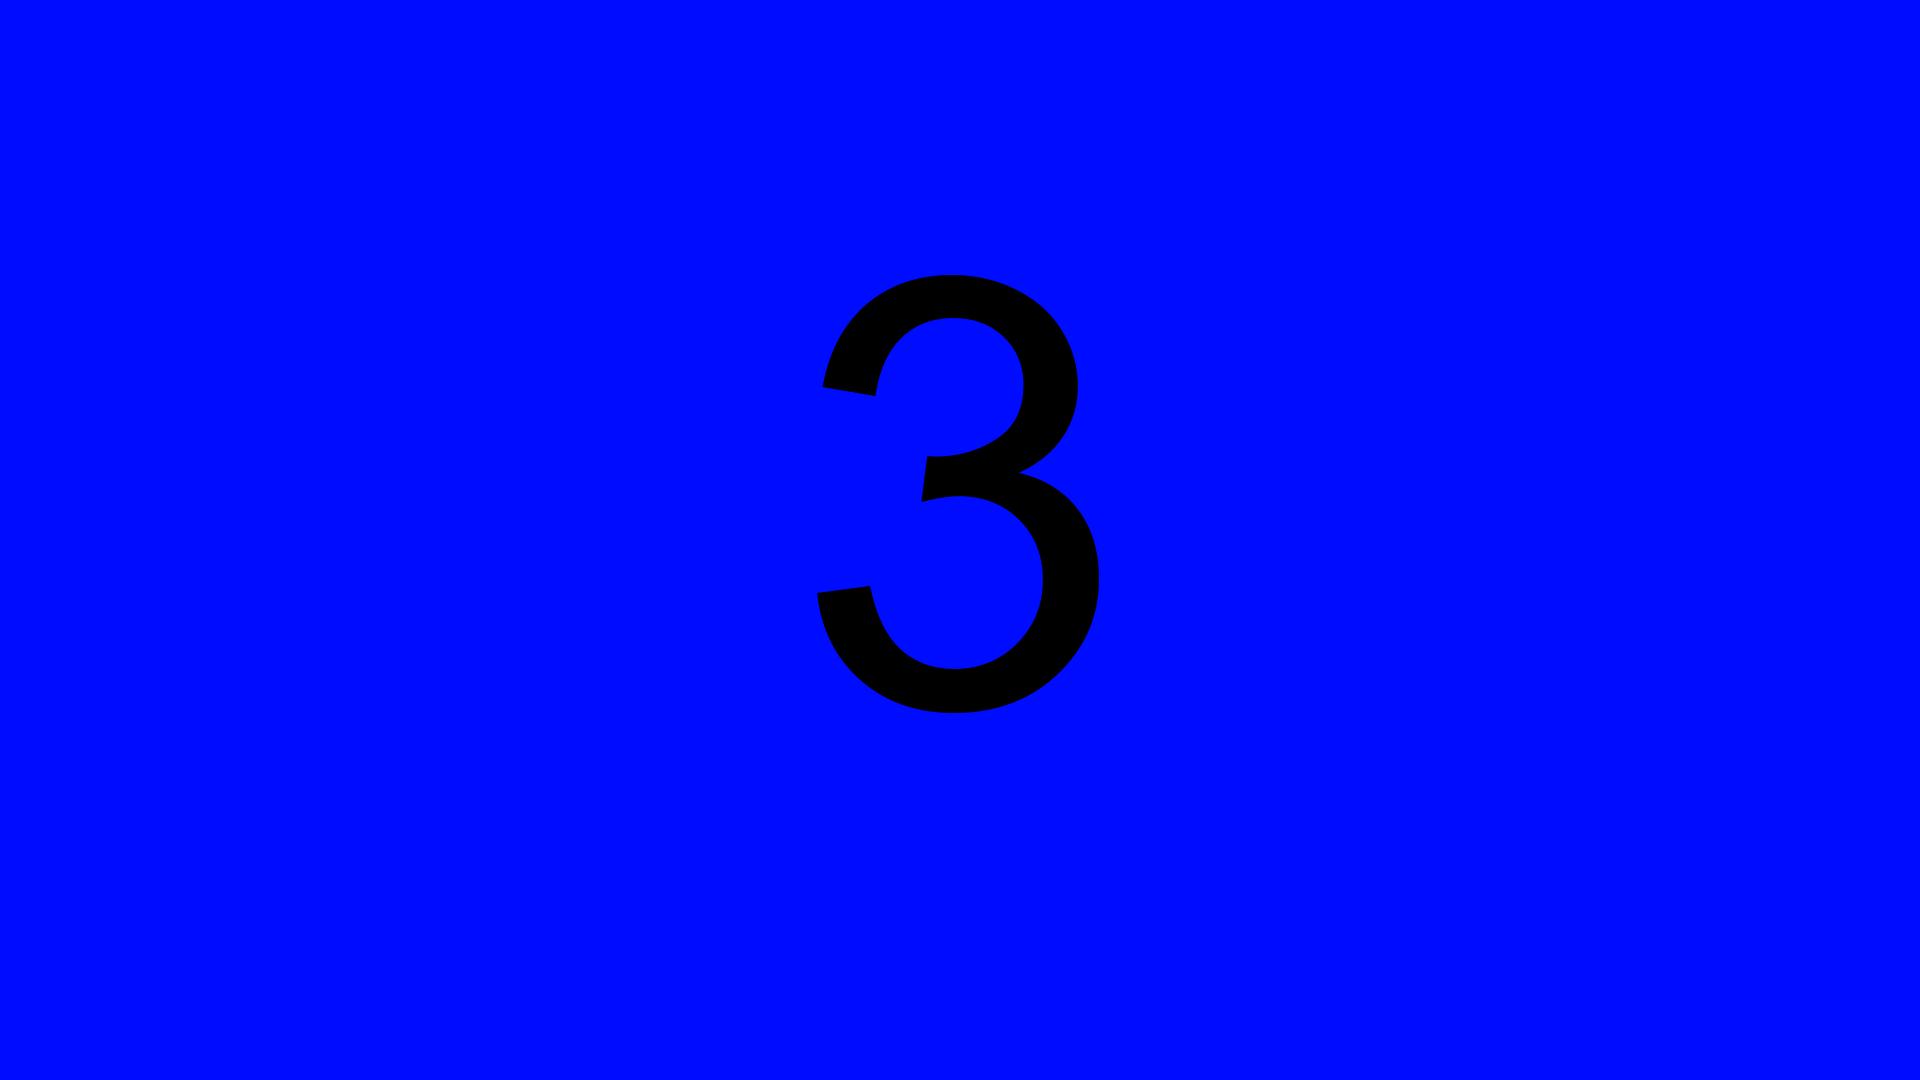 Blue_03